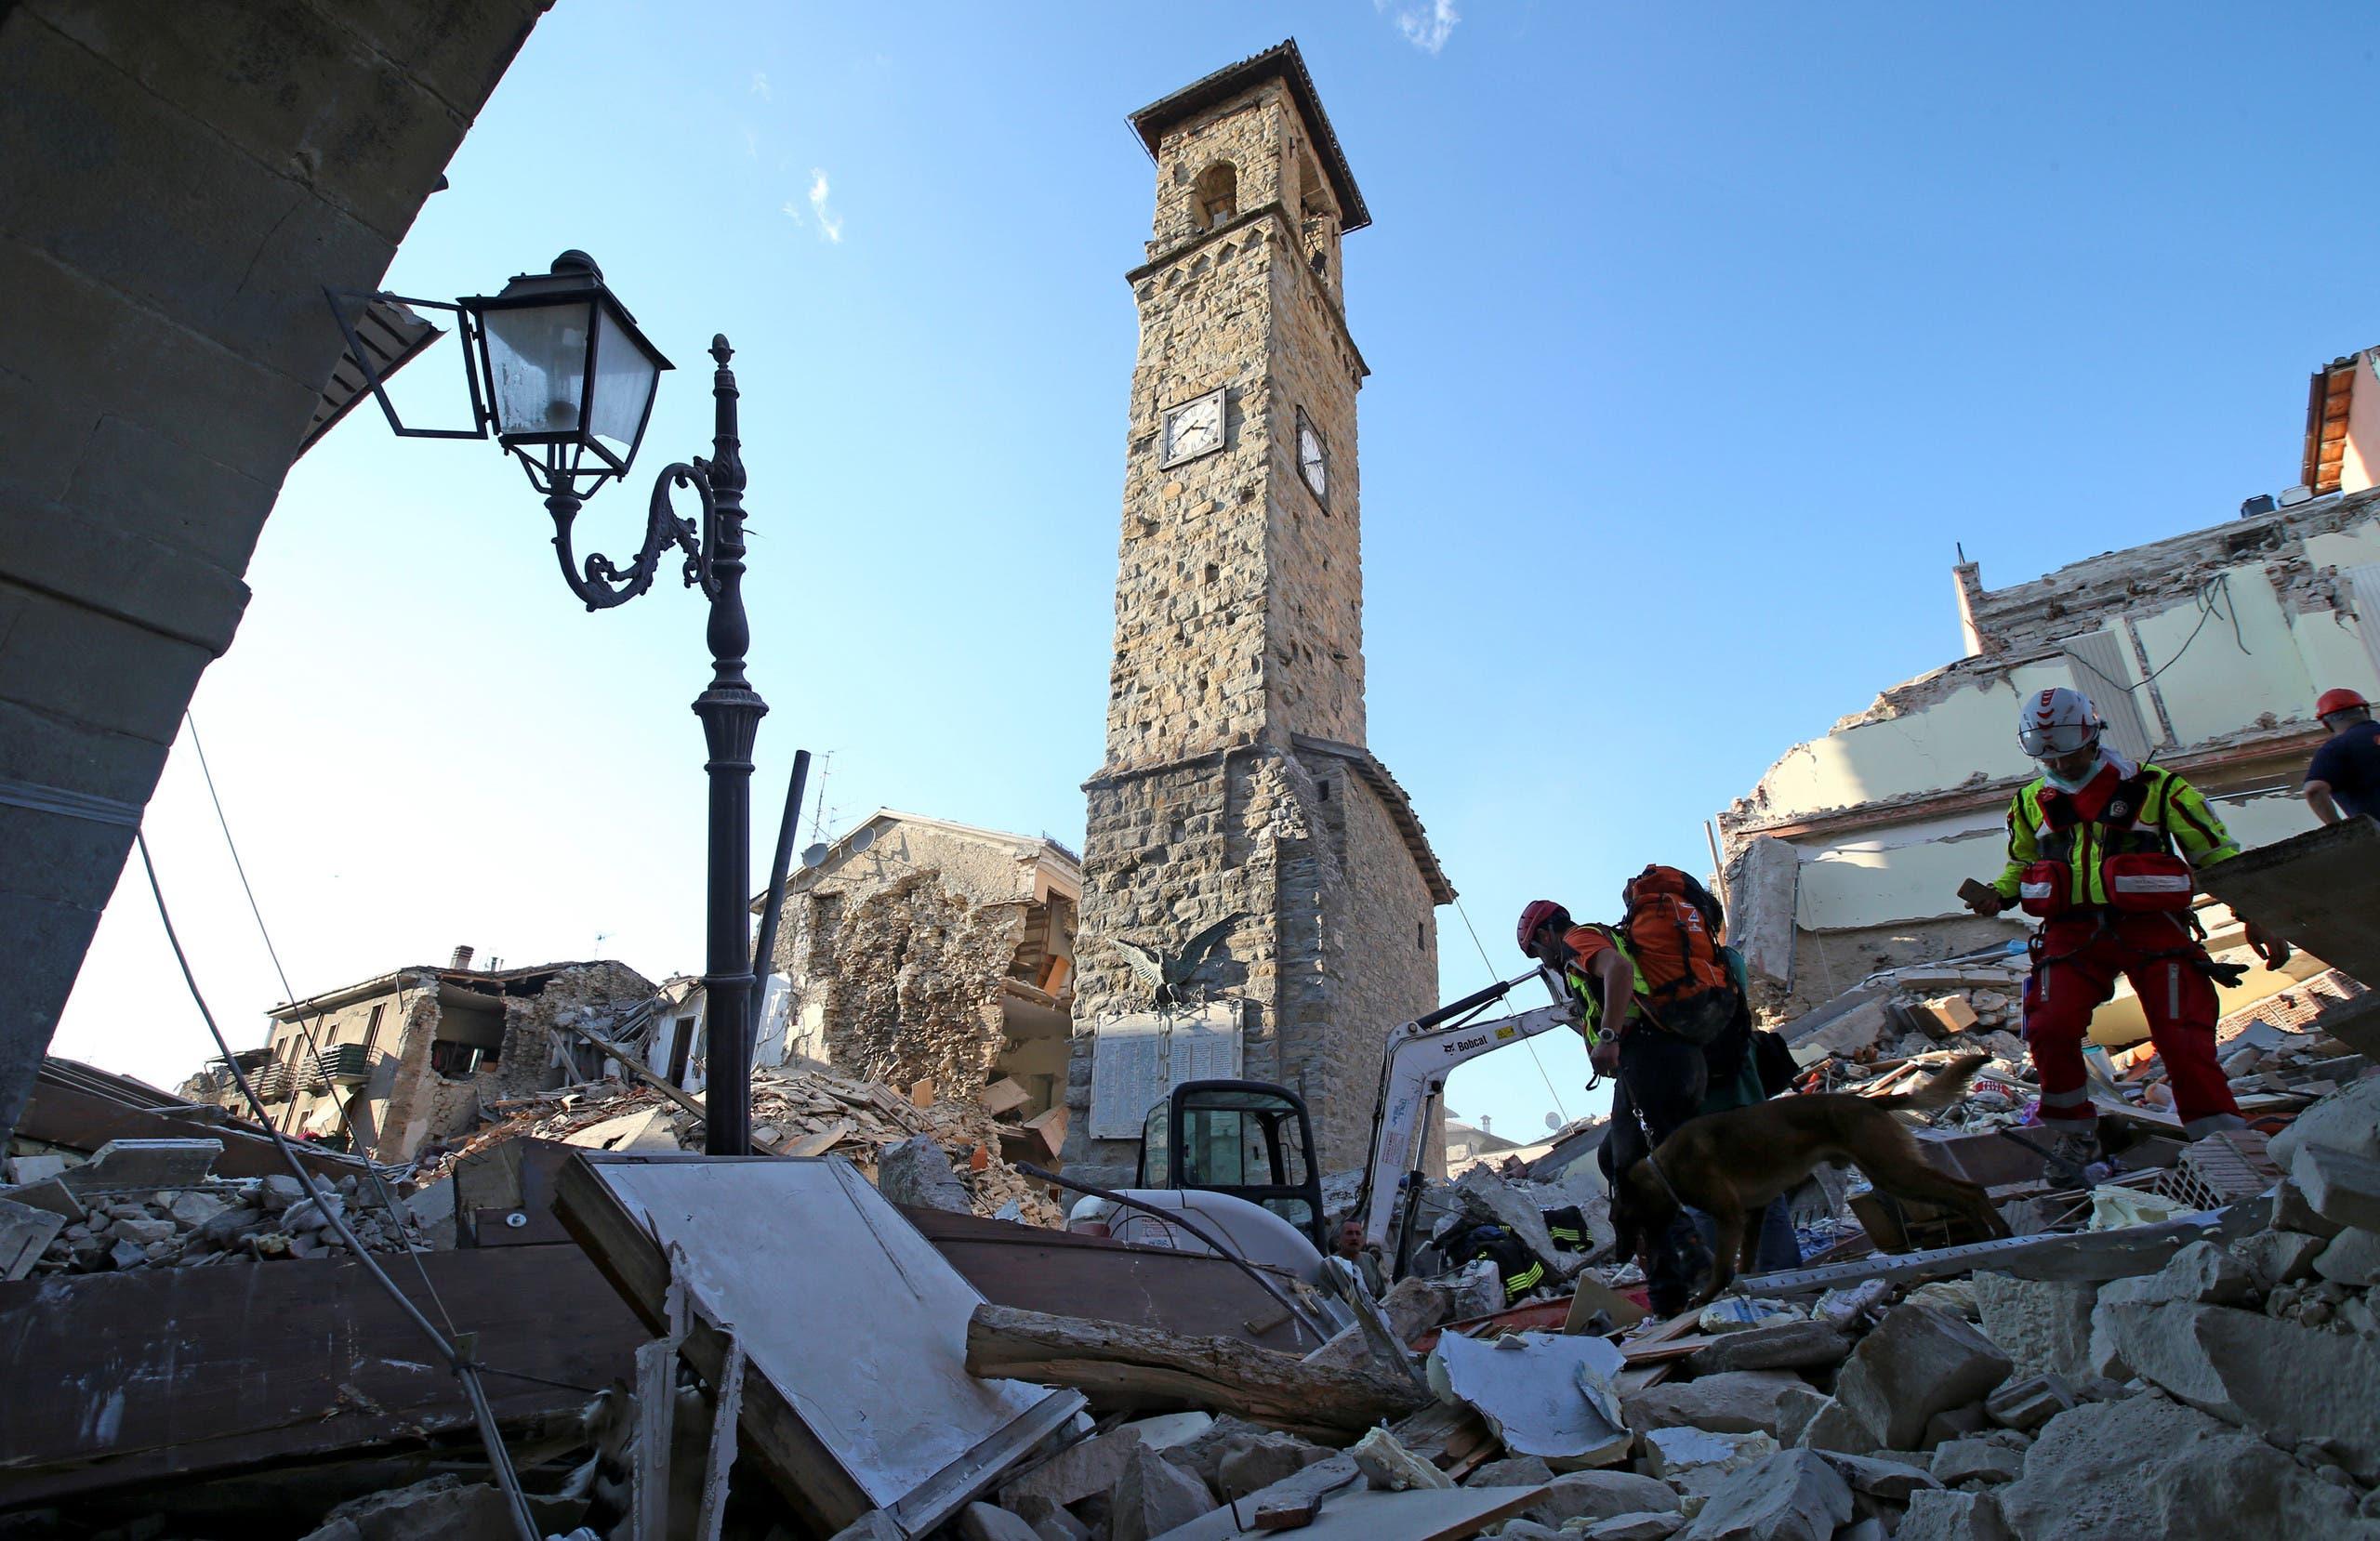 وكان زلزال سابق بقوة 6.3 درجة قد أوقع أكثر من 300 قتيل في منطقة اكيلا (وسط) في أبريل 2009.